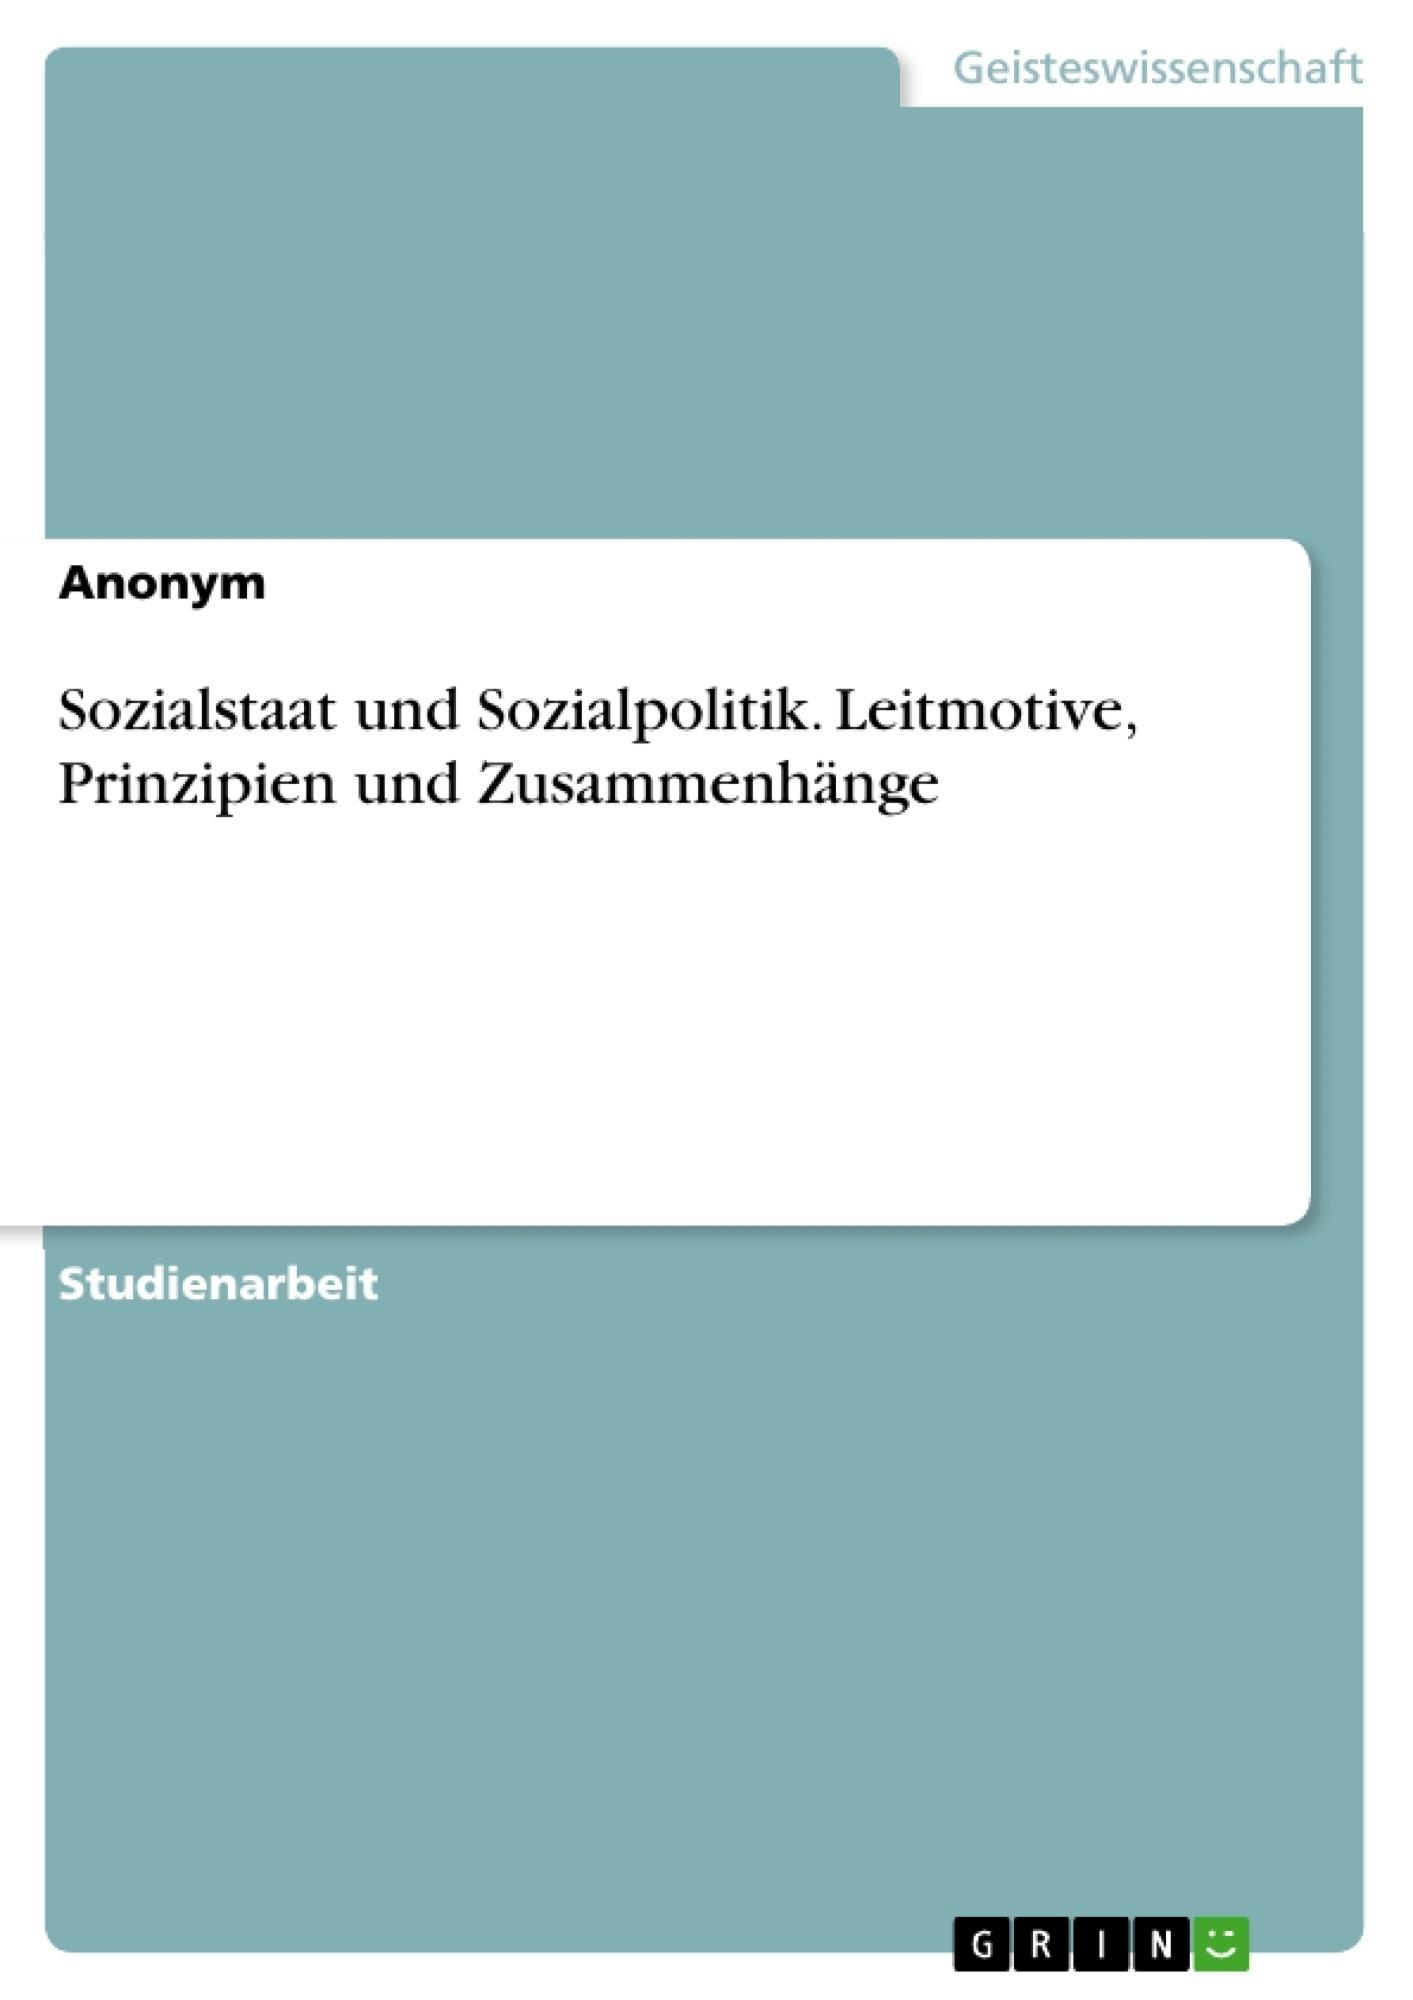 Titel: Sozialstaat und Sozialpolitik. Leitmotive, Prinzipien und Zusammenhänge